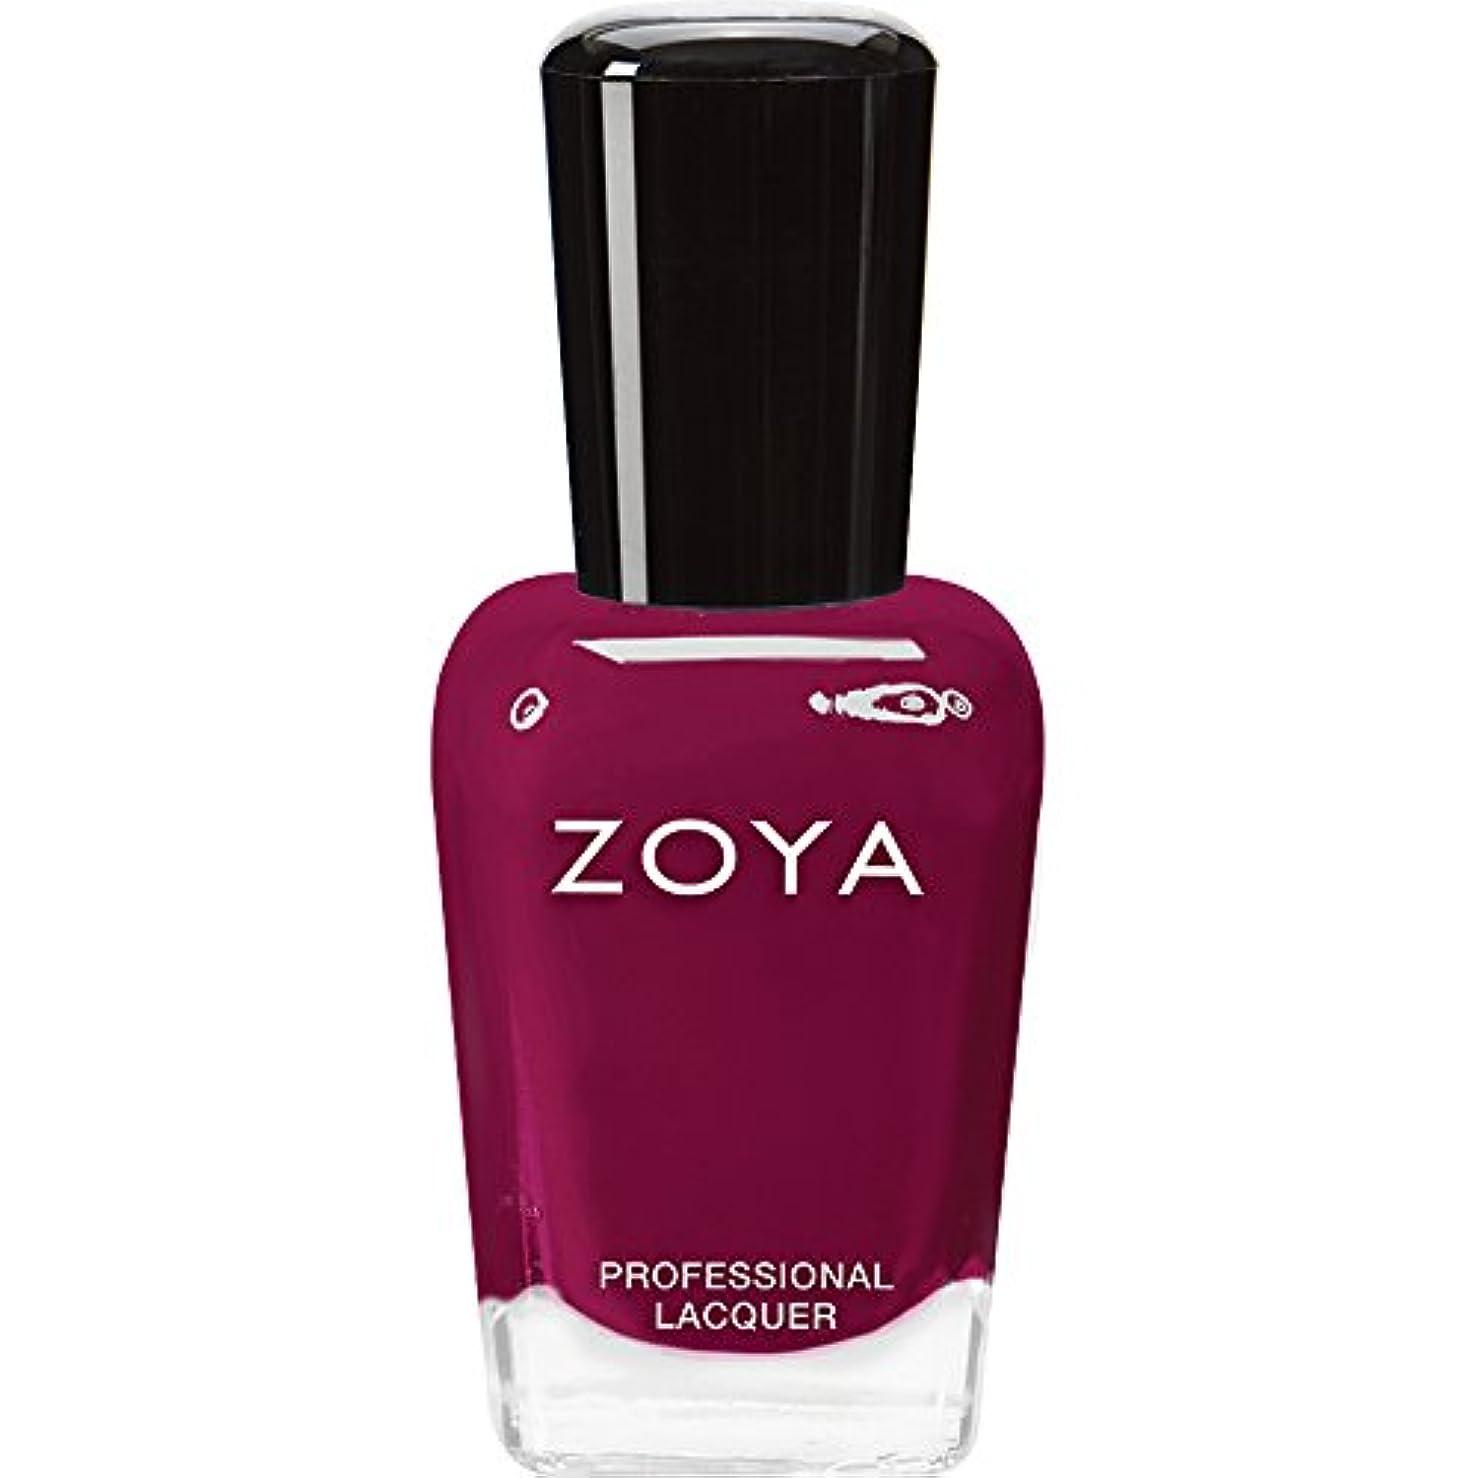 ミス強います乳白ZOYA ゾーヤ ネイルカラー ZP639 PALOMA パロマ 15ml  2012 GLOSS COLLECTION シアー/ジェリー 爪にやさしいネイルラッカーマニキュア